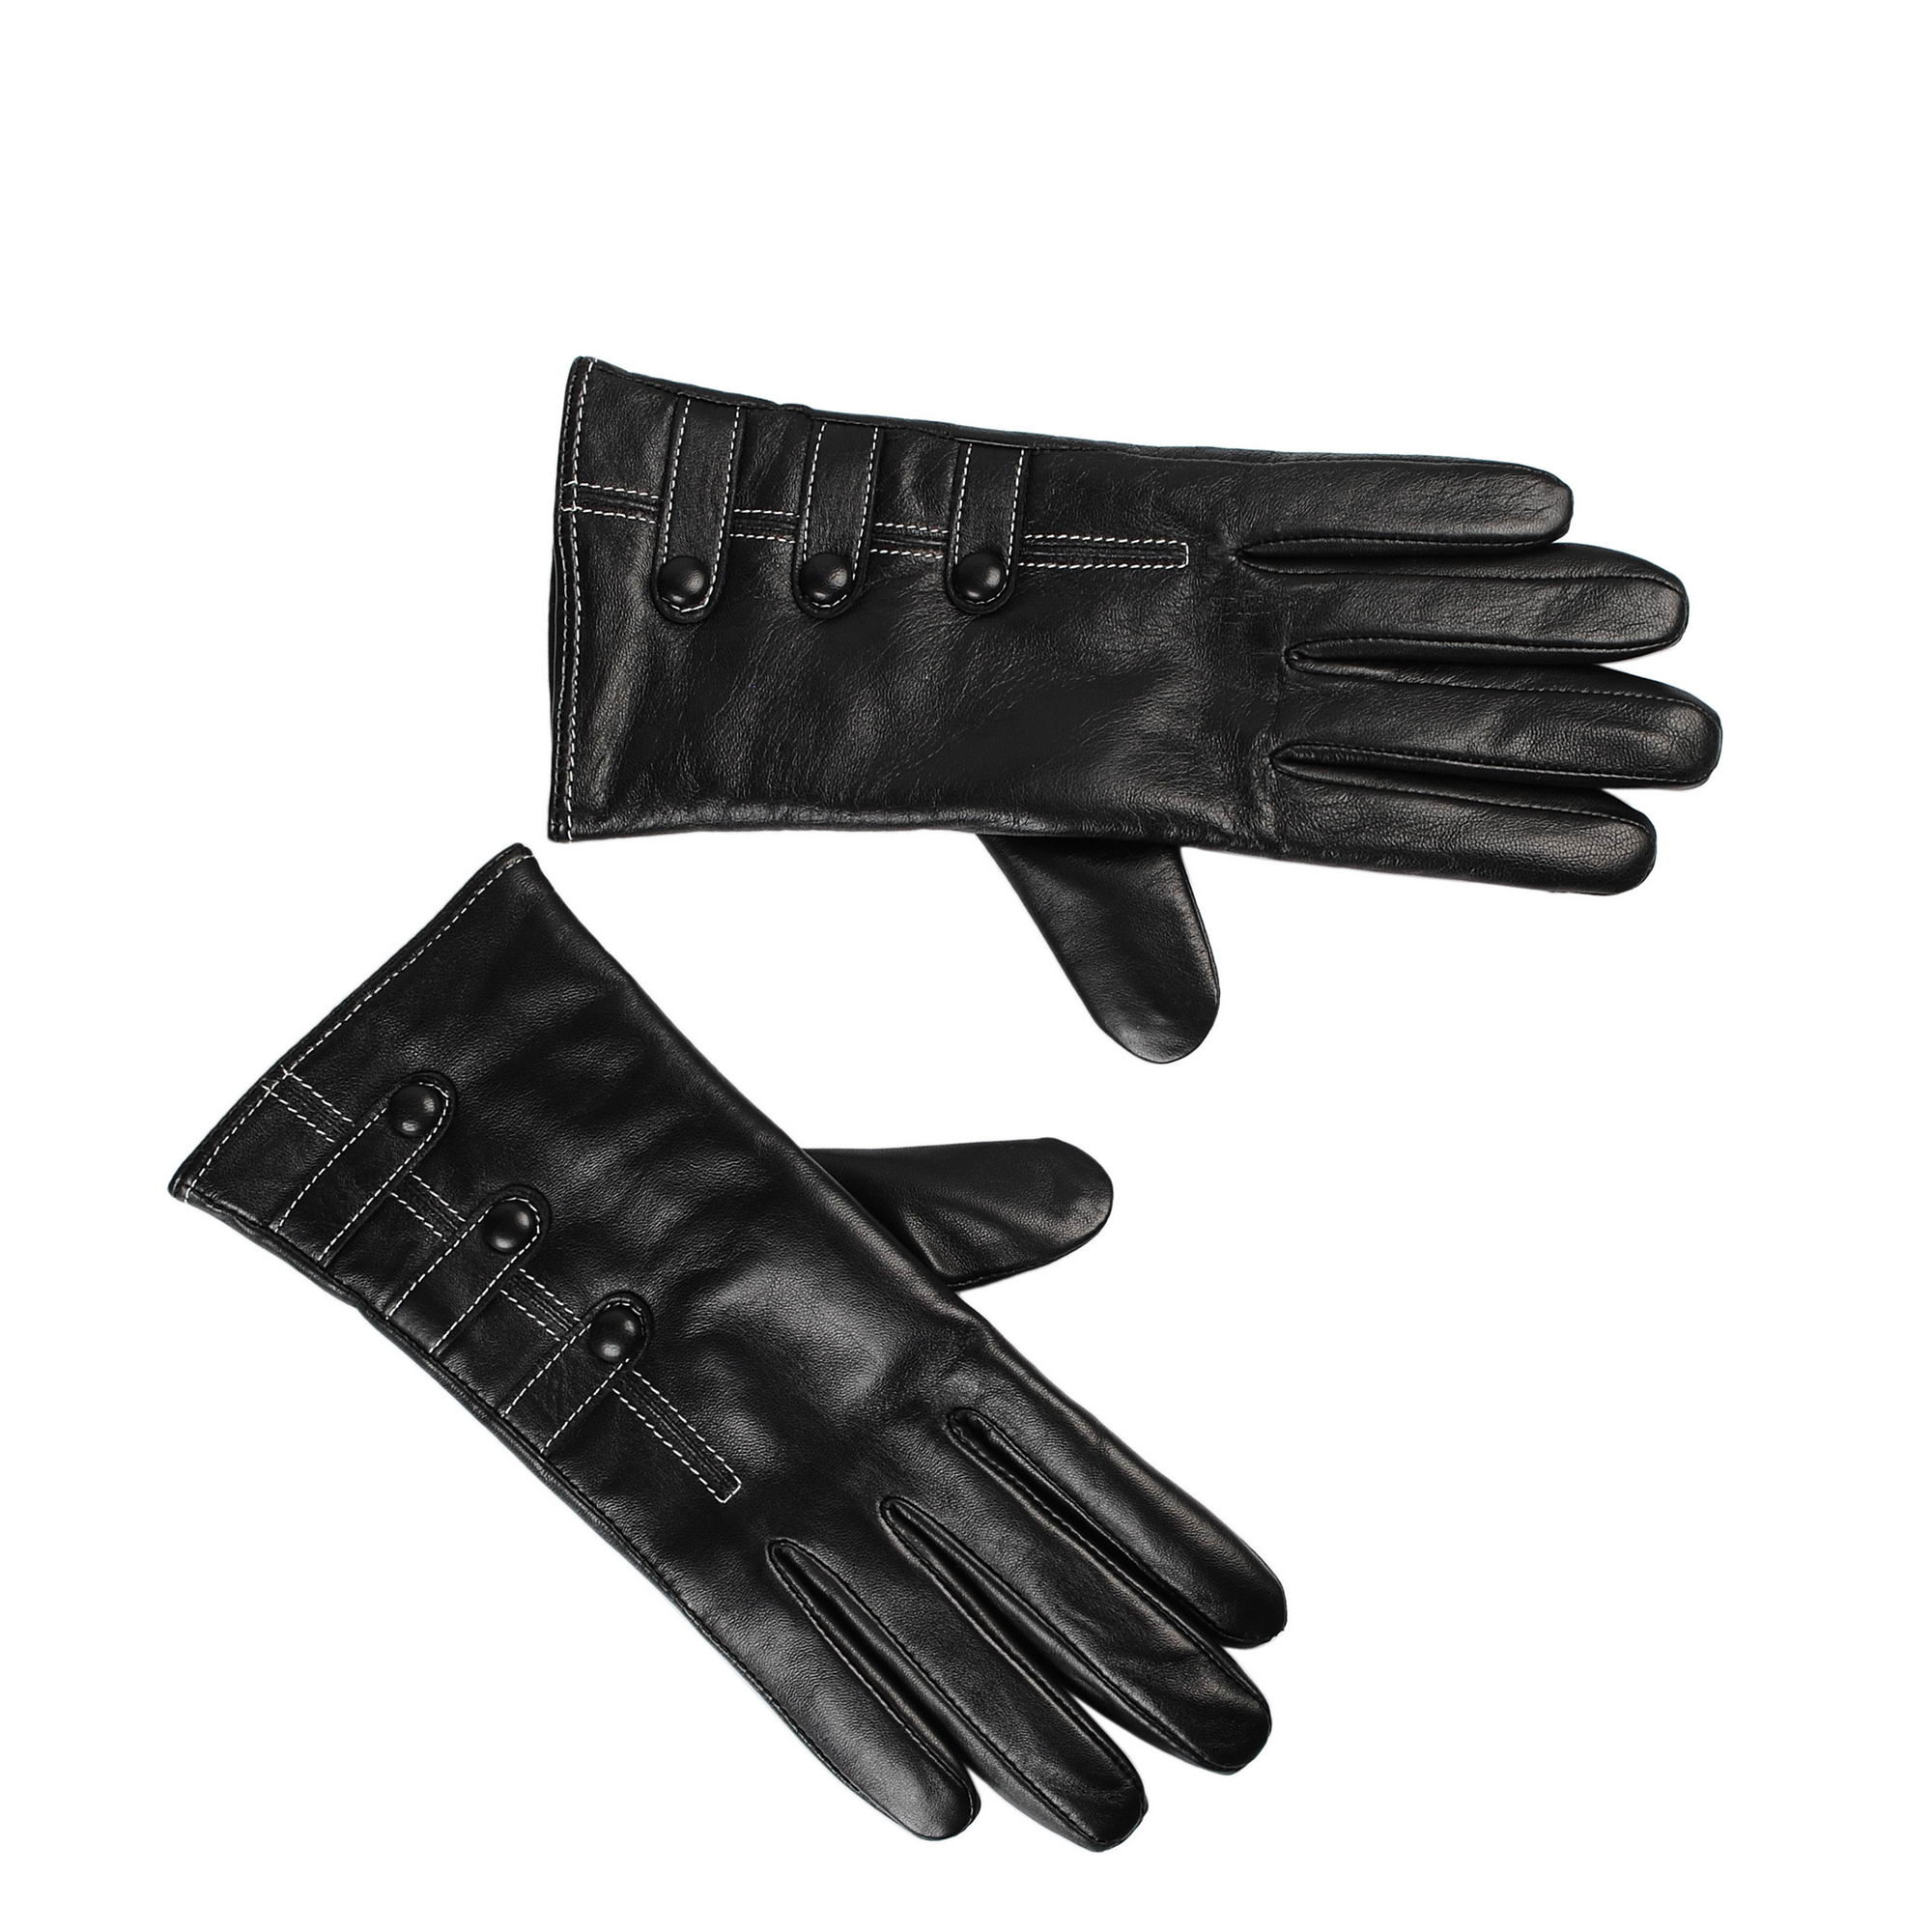 Δερμάτινα Γάντια Guy Laroche 98871 γυναικα   γυναικείο γάντι